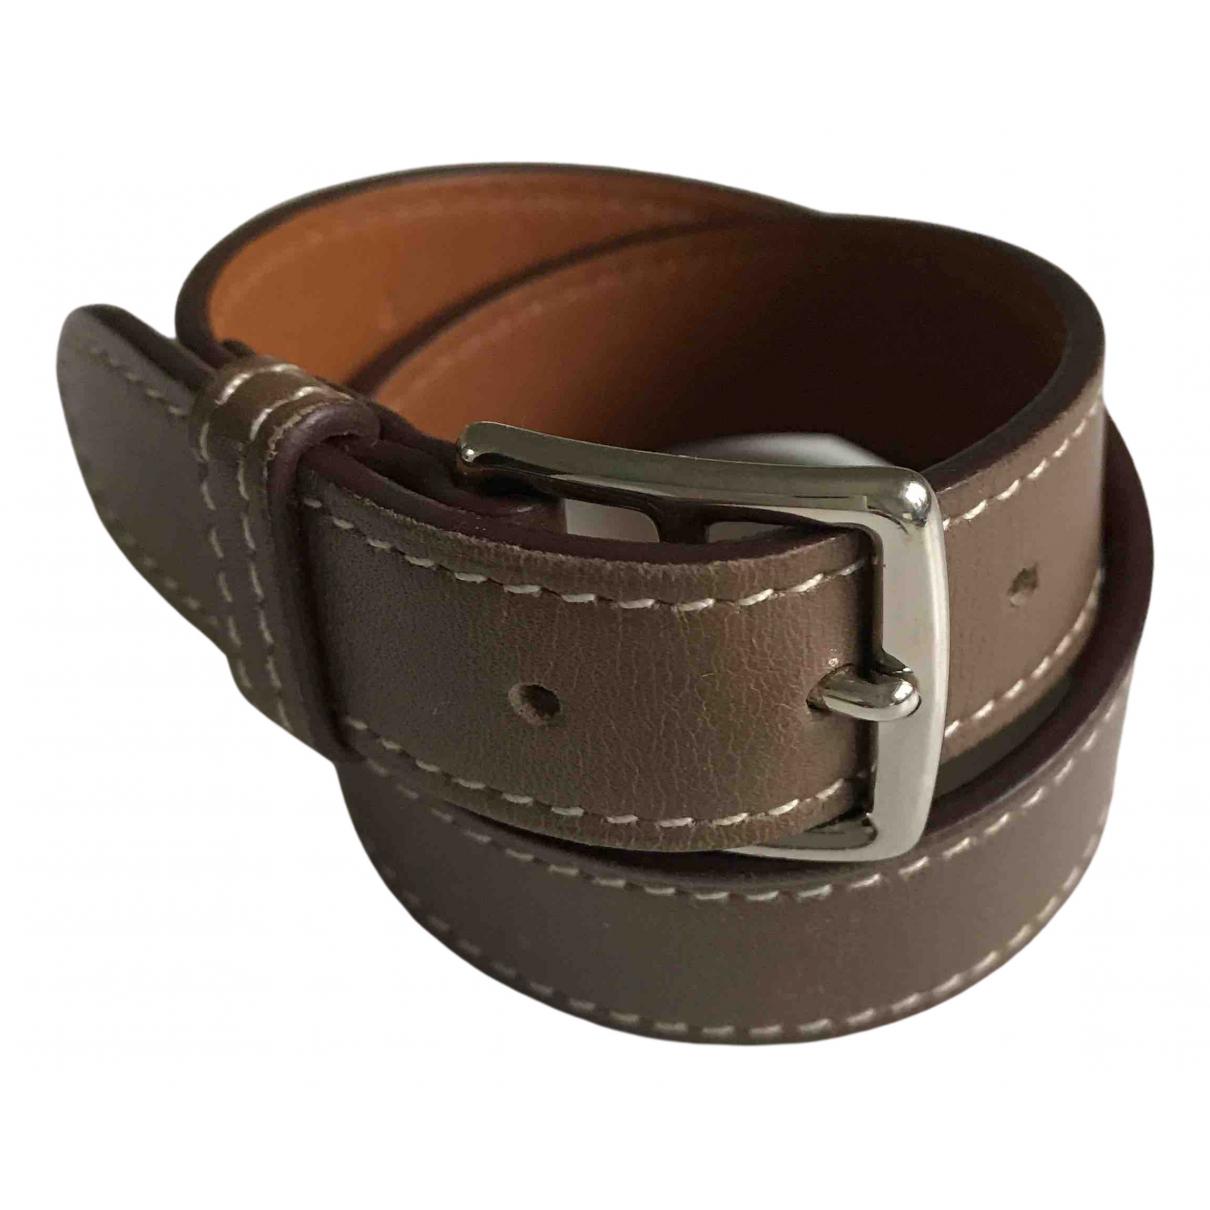 Hermes - Bracelet Etriviere pour femme en cuir - marron